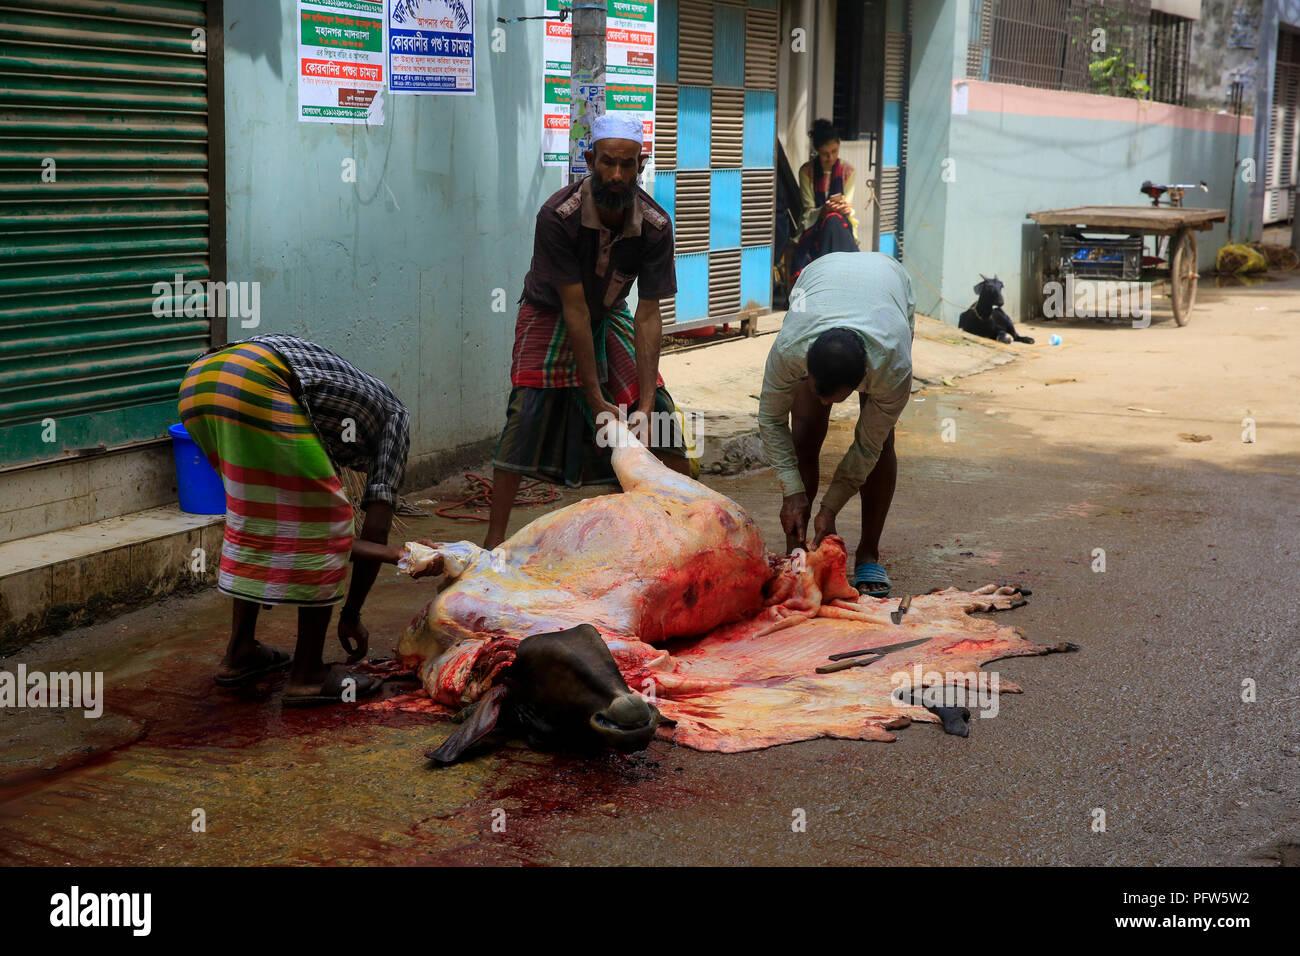 Bengalische Muslime schlachten ihre Tiere auf der Straße in Dhaka, der Hauptstadt von Bangladesch, am ersten Tag des Eid-Ul-Azha. Dhaka, Banglades Stockbild